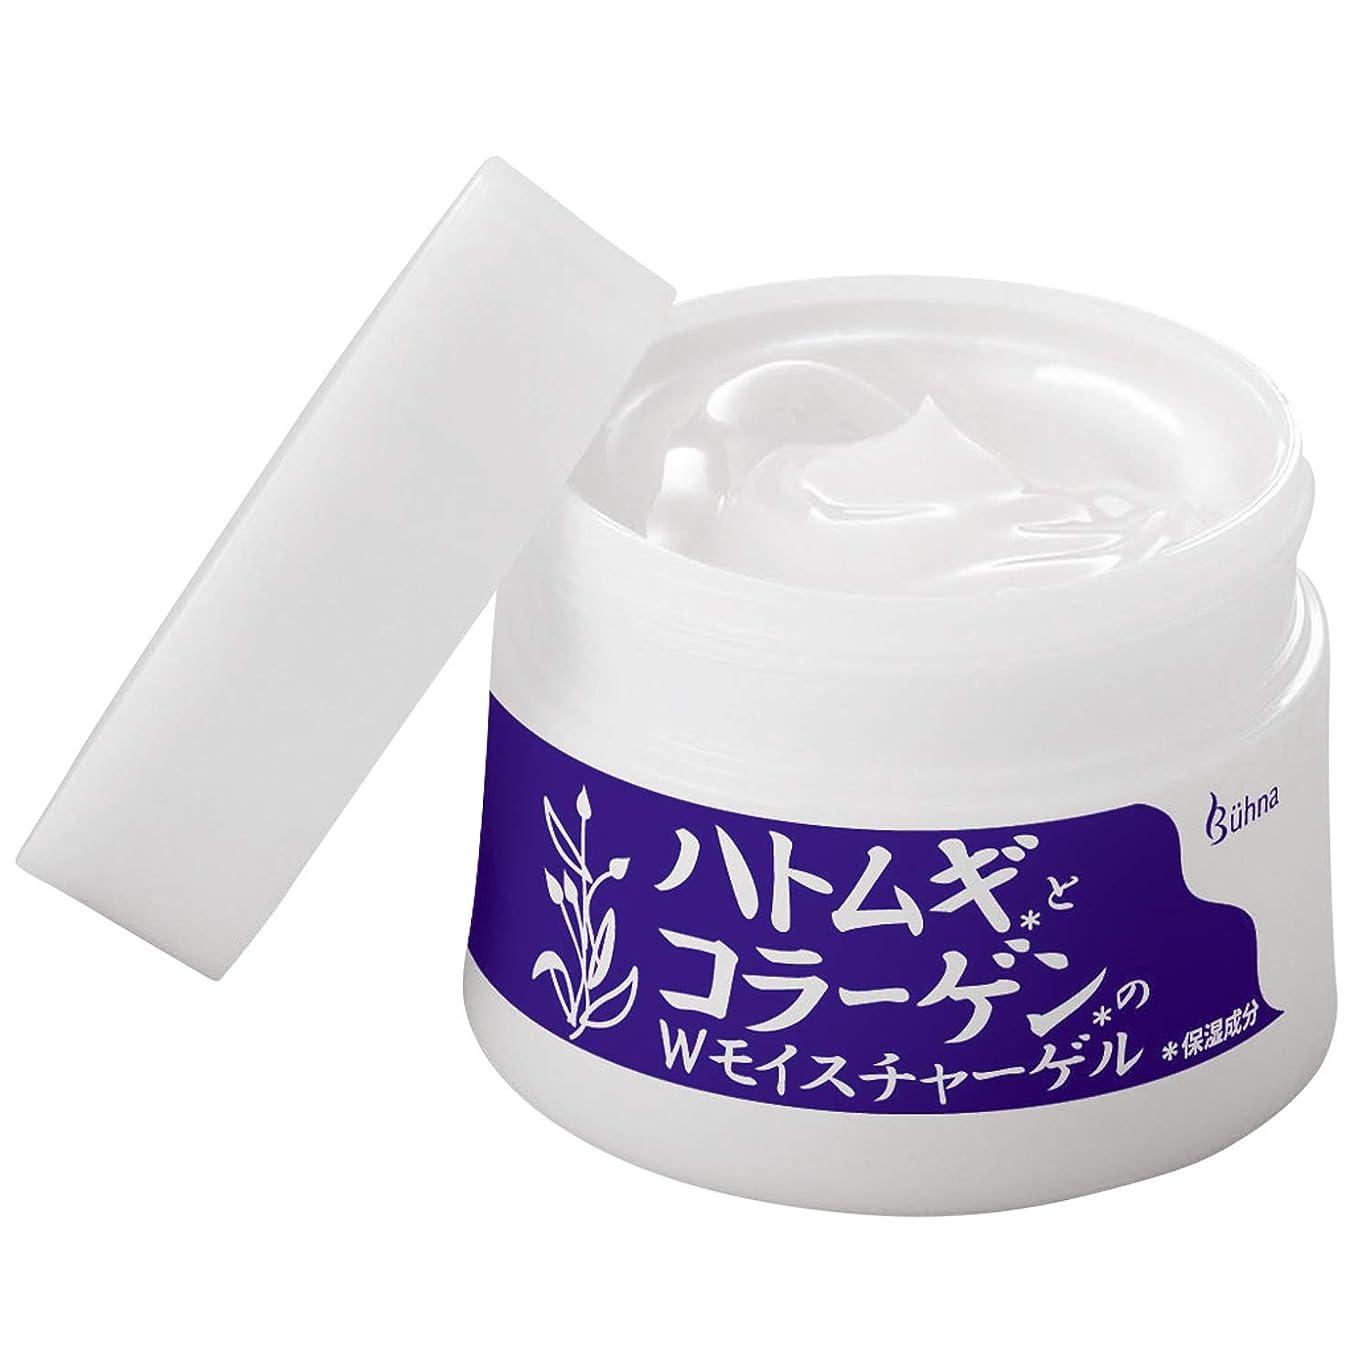 キャラバン従者安全なビューナ ハトムギとコラーゲンのWモイスチャーゲル150g 保湿 オールインワン 美容液 化粧水 乳液